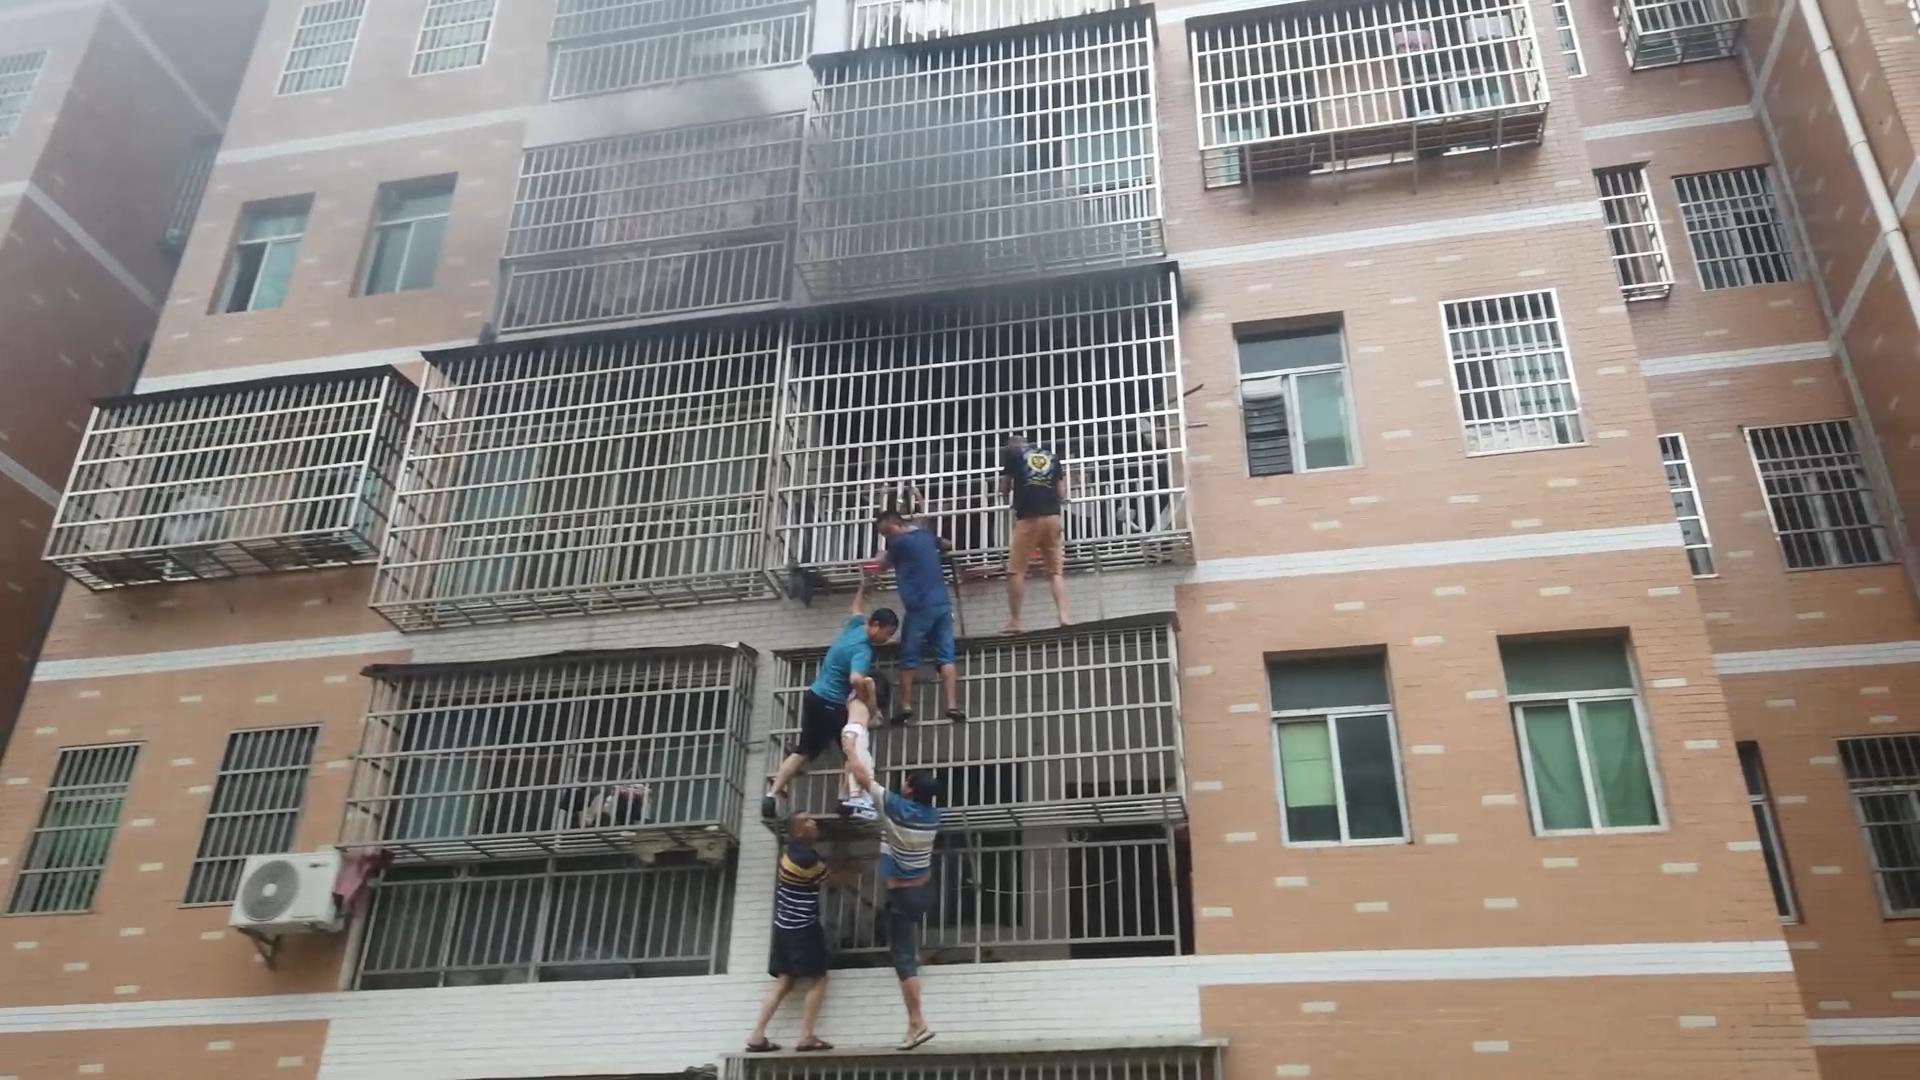 高楼起火6人搭人梯救女童 多种途径尝试找到他们遗憾未果